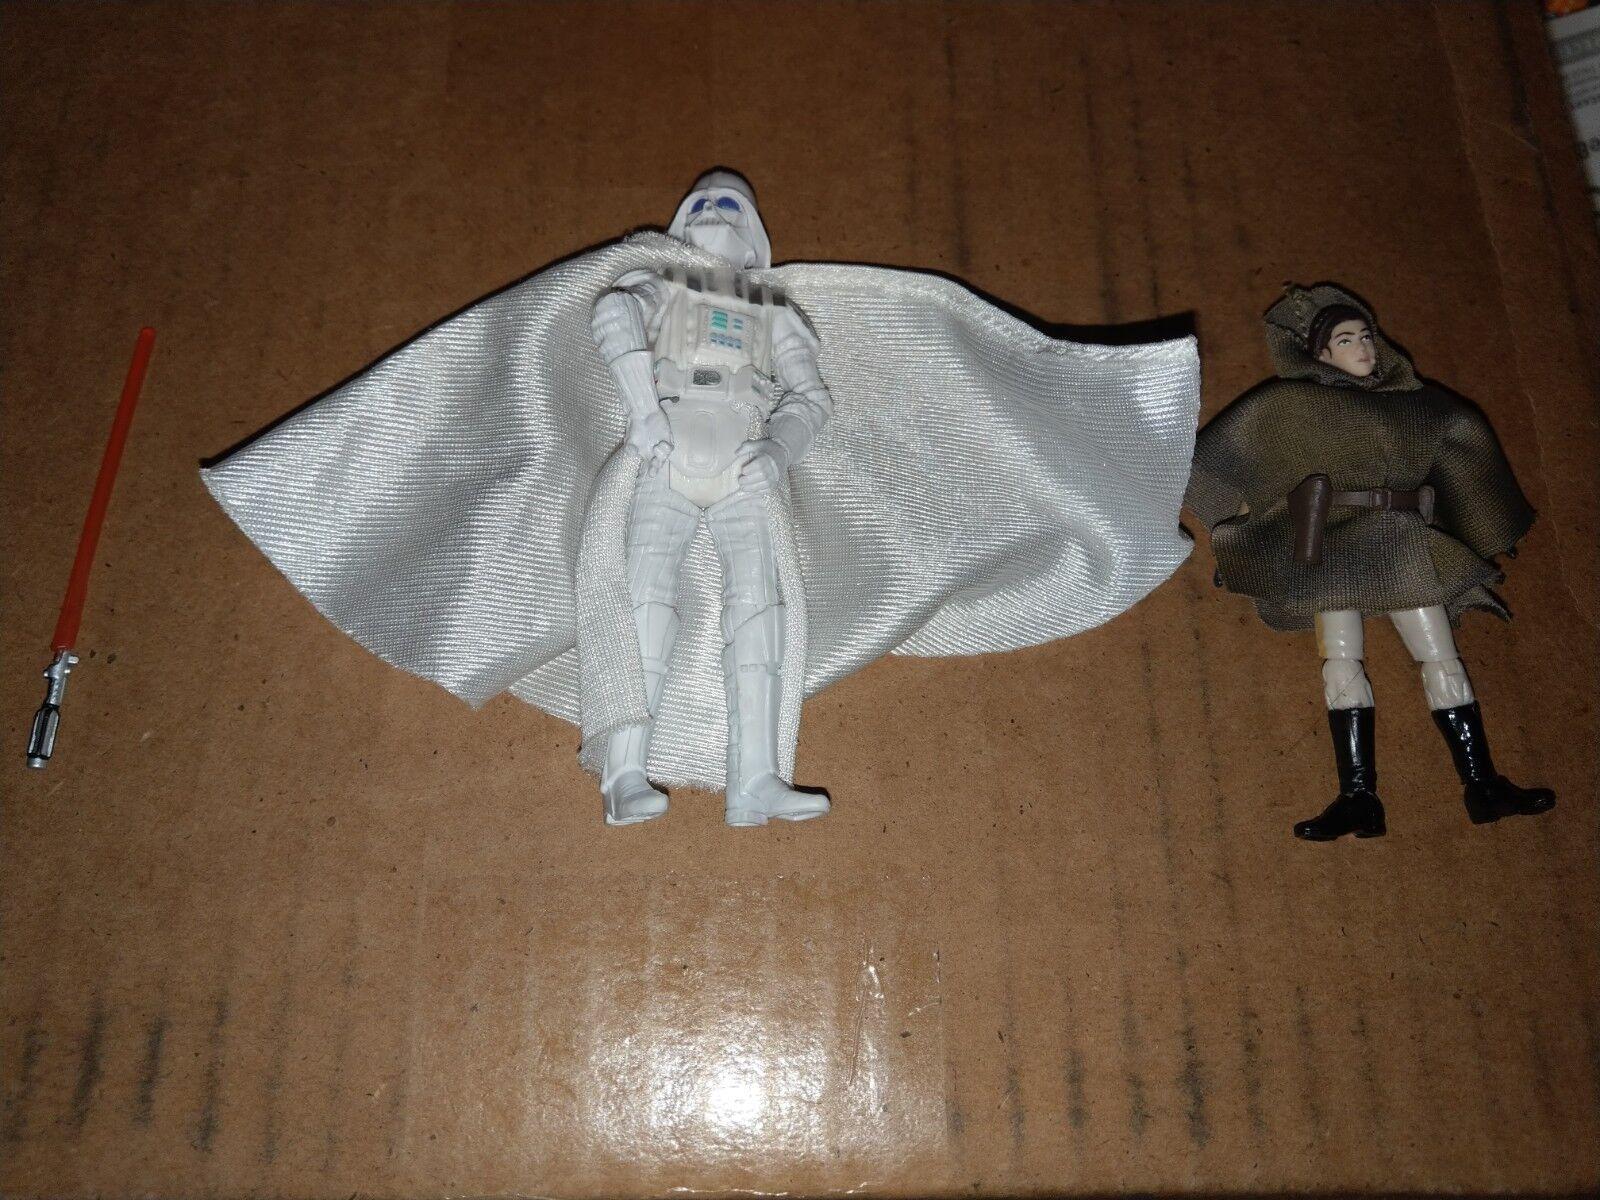 Star - wars - weißen darth vader und prinzessin leia abbildung menge 2008